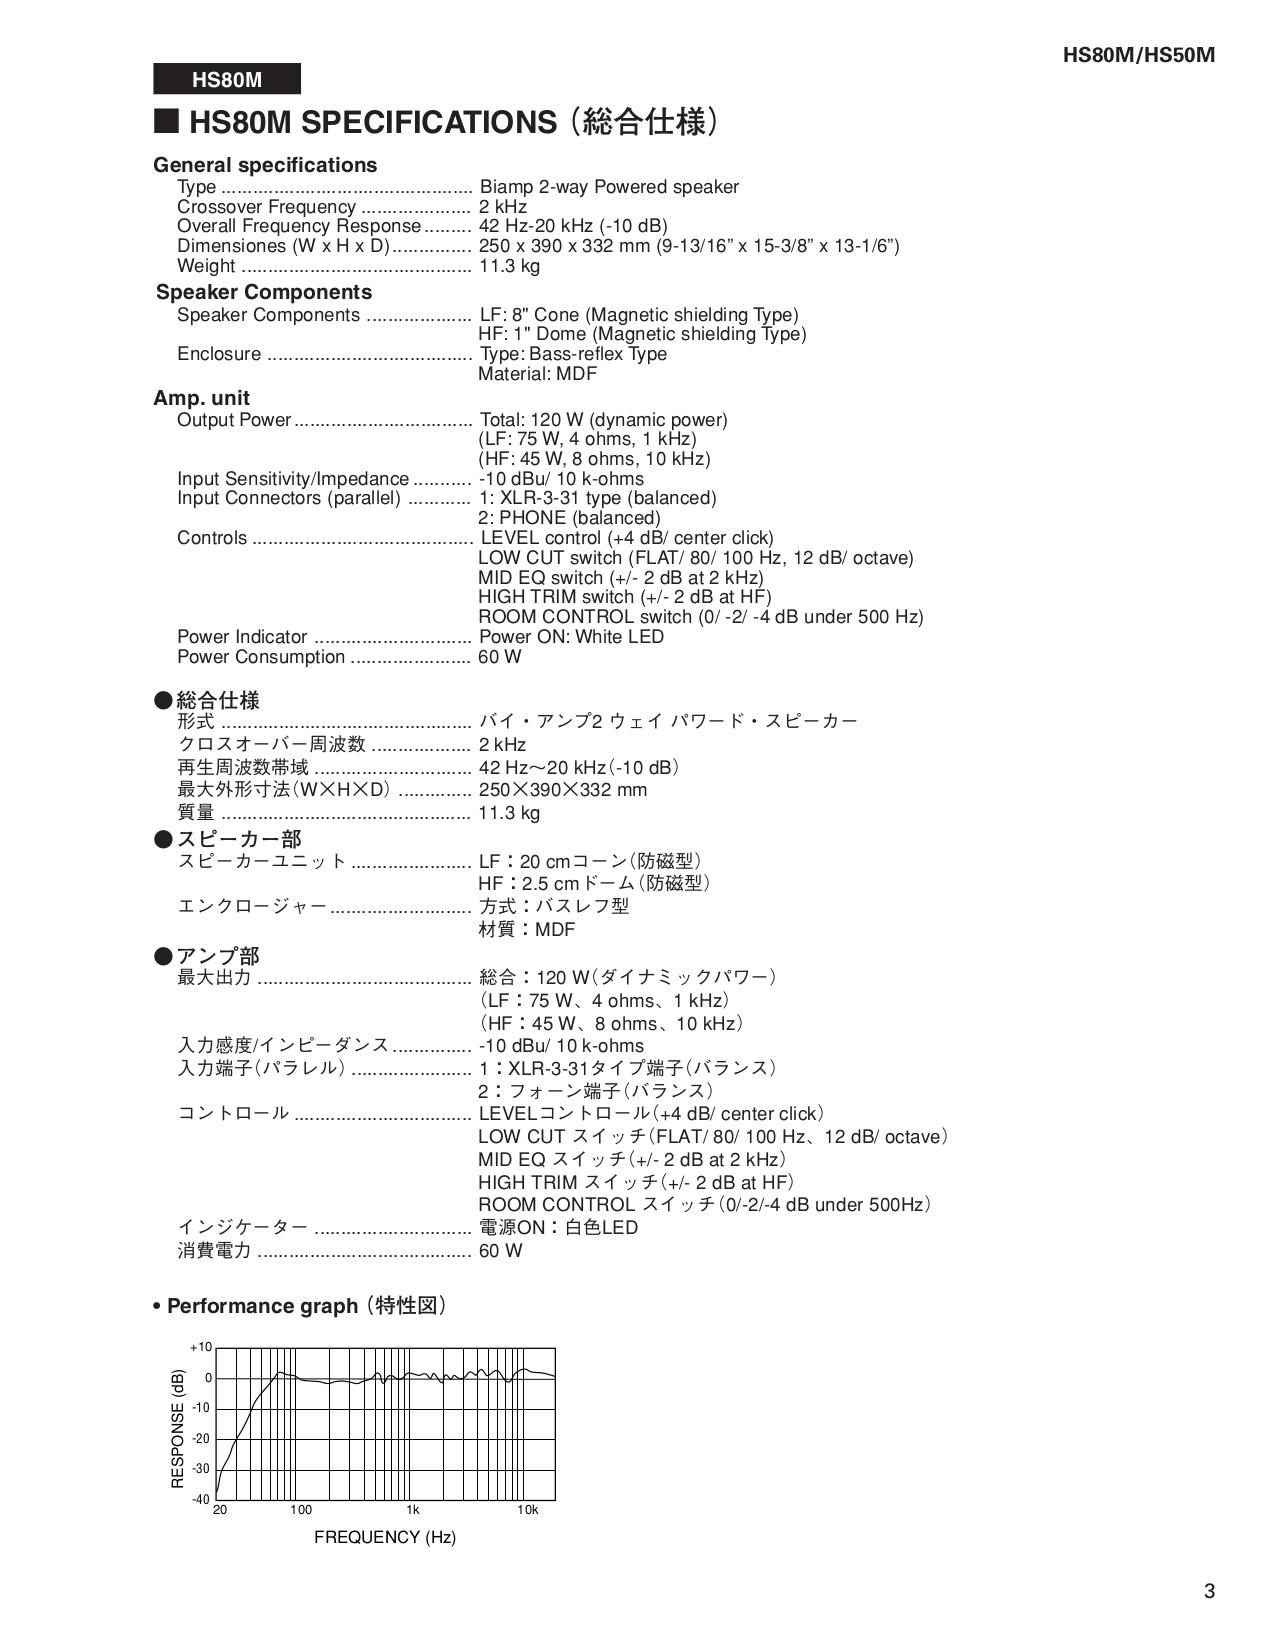 yamaha hs50m manual